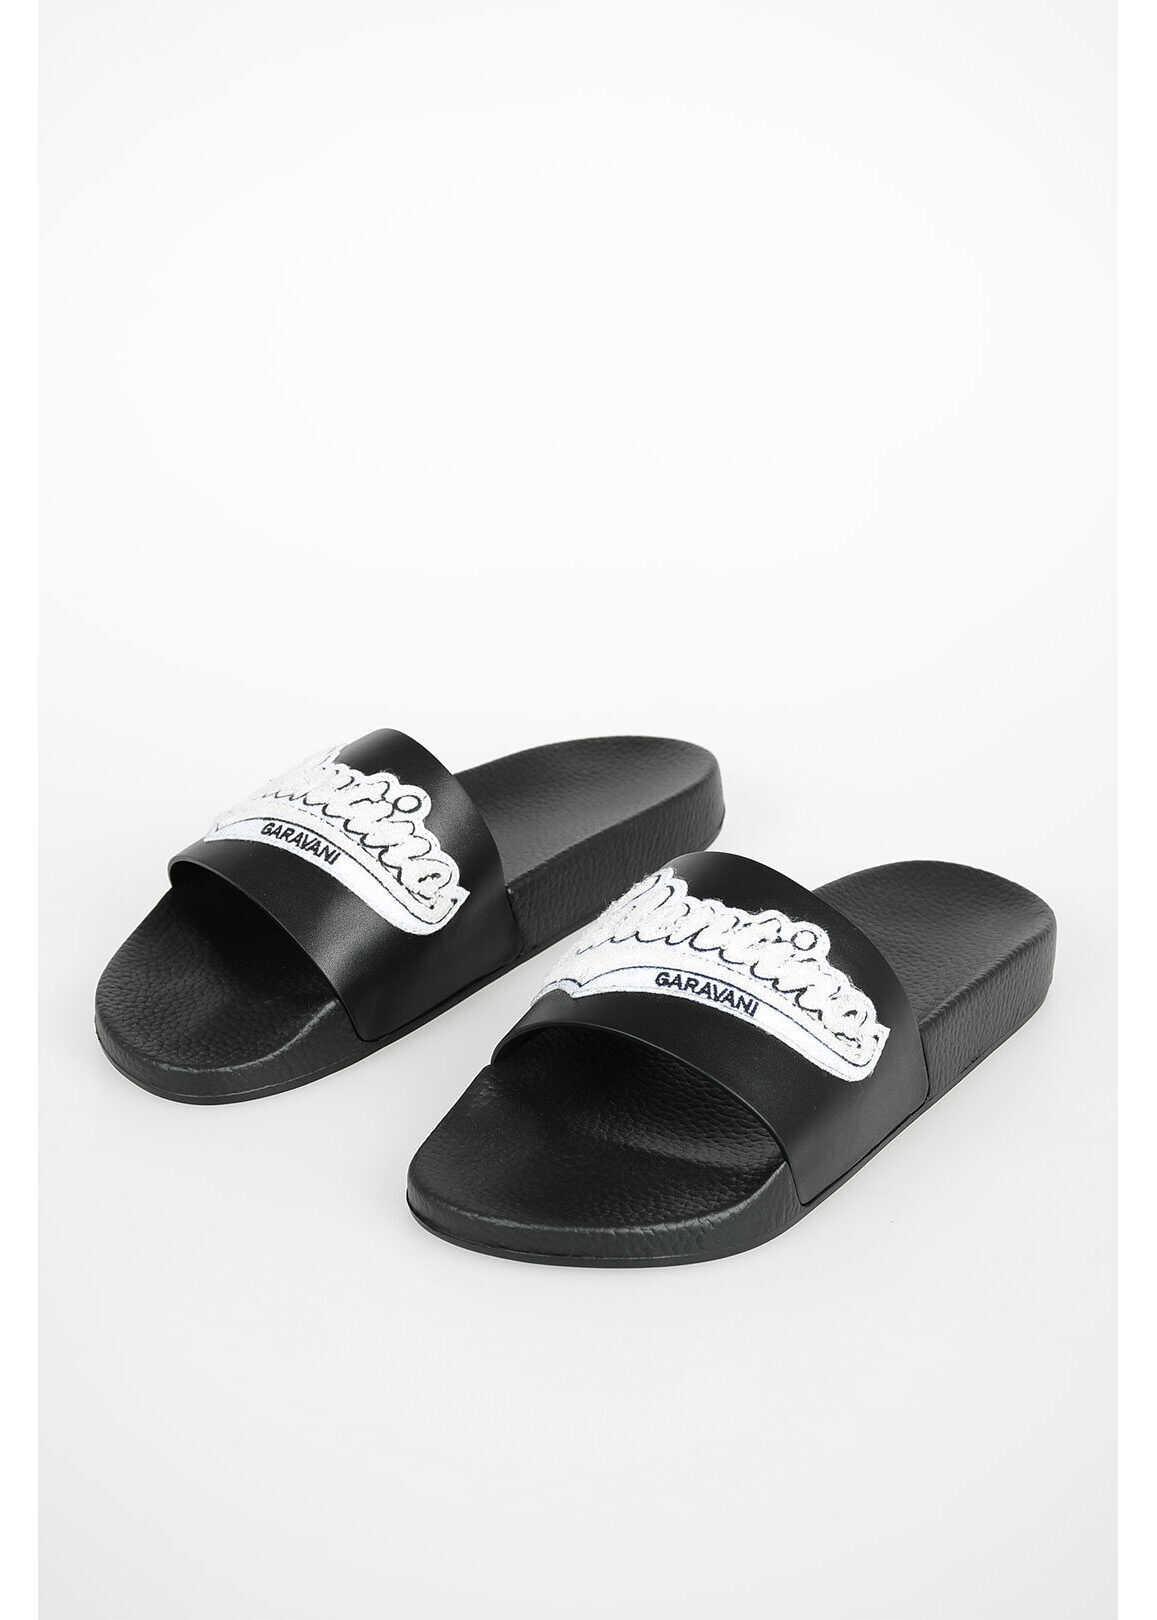 Valentino Garavani GARAVANI Rubber Slides BLACK